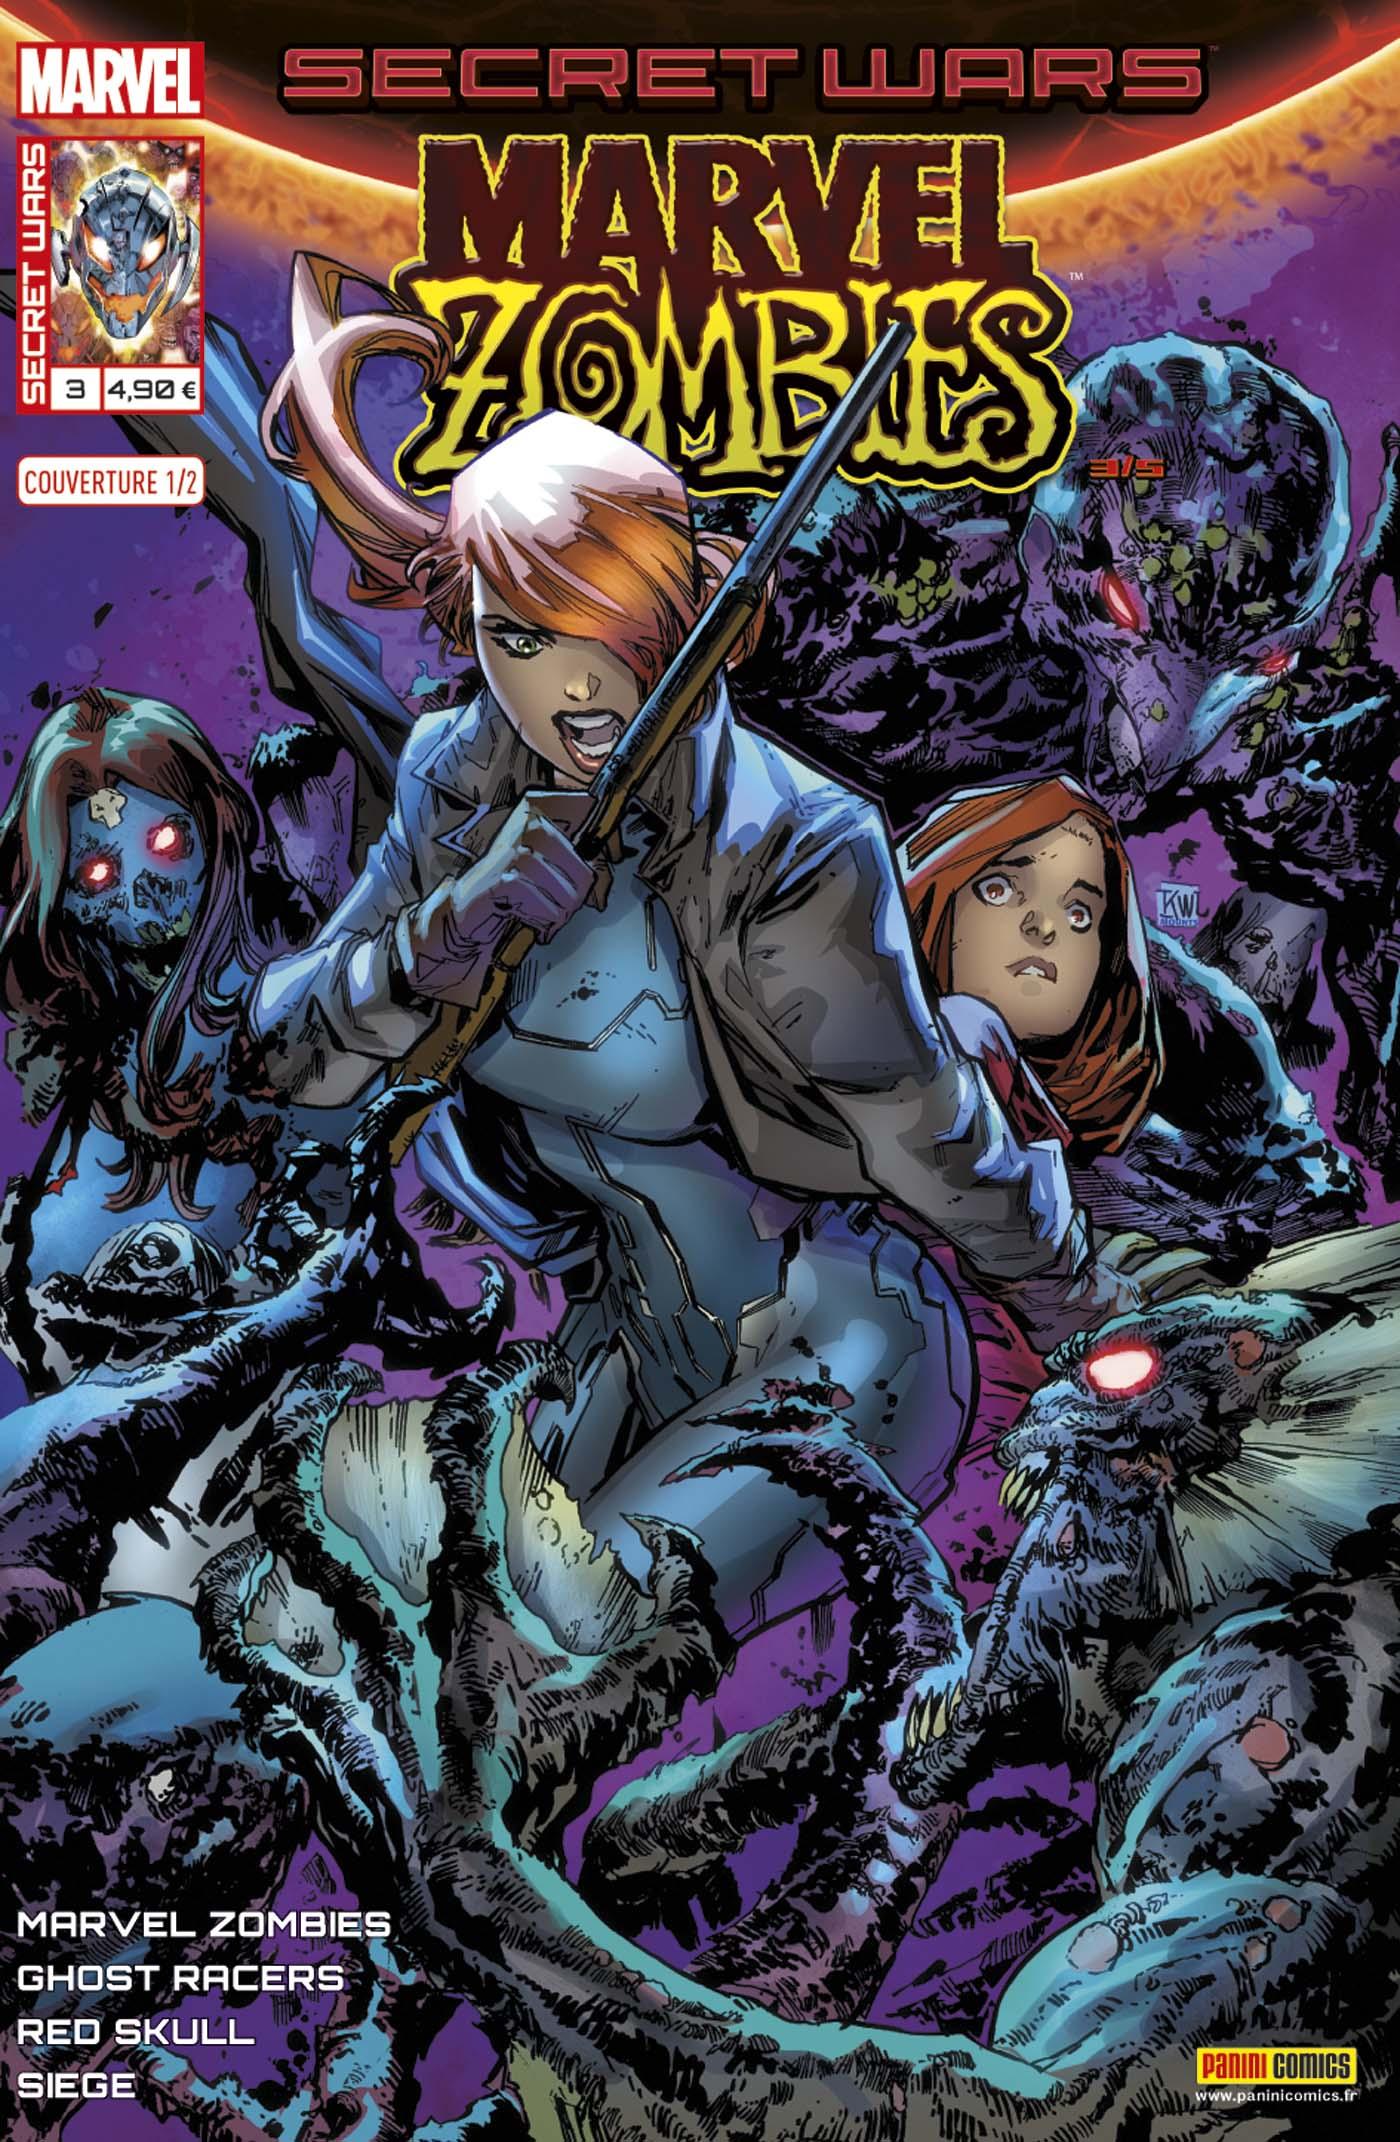 Secret Wars - Marvel Zombies 3 - Couverture 1/2 (Ken Lashley – tirage 50%)